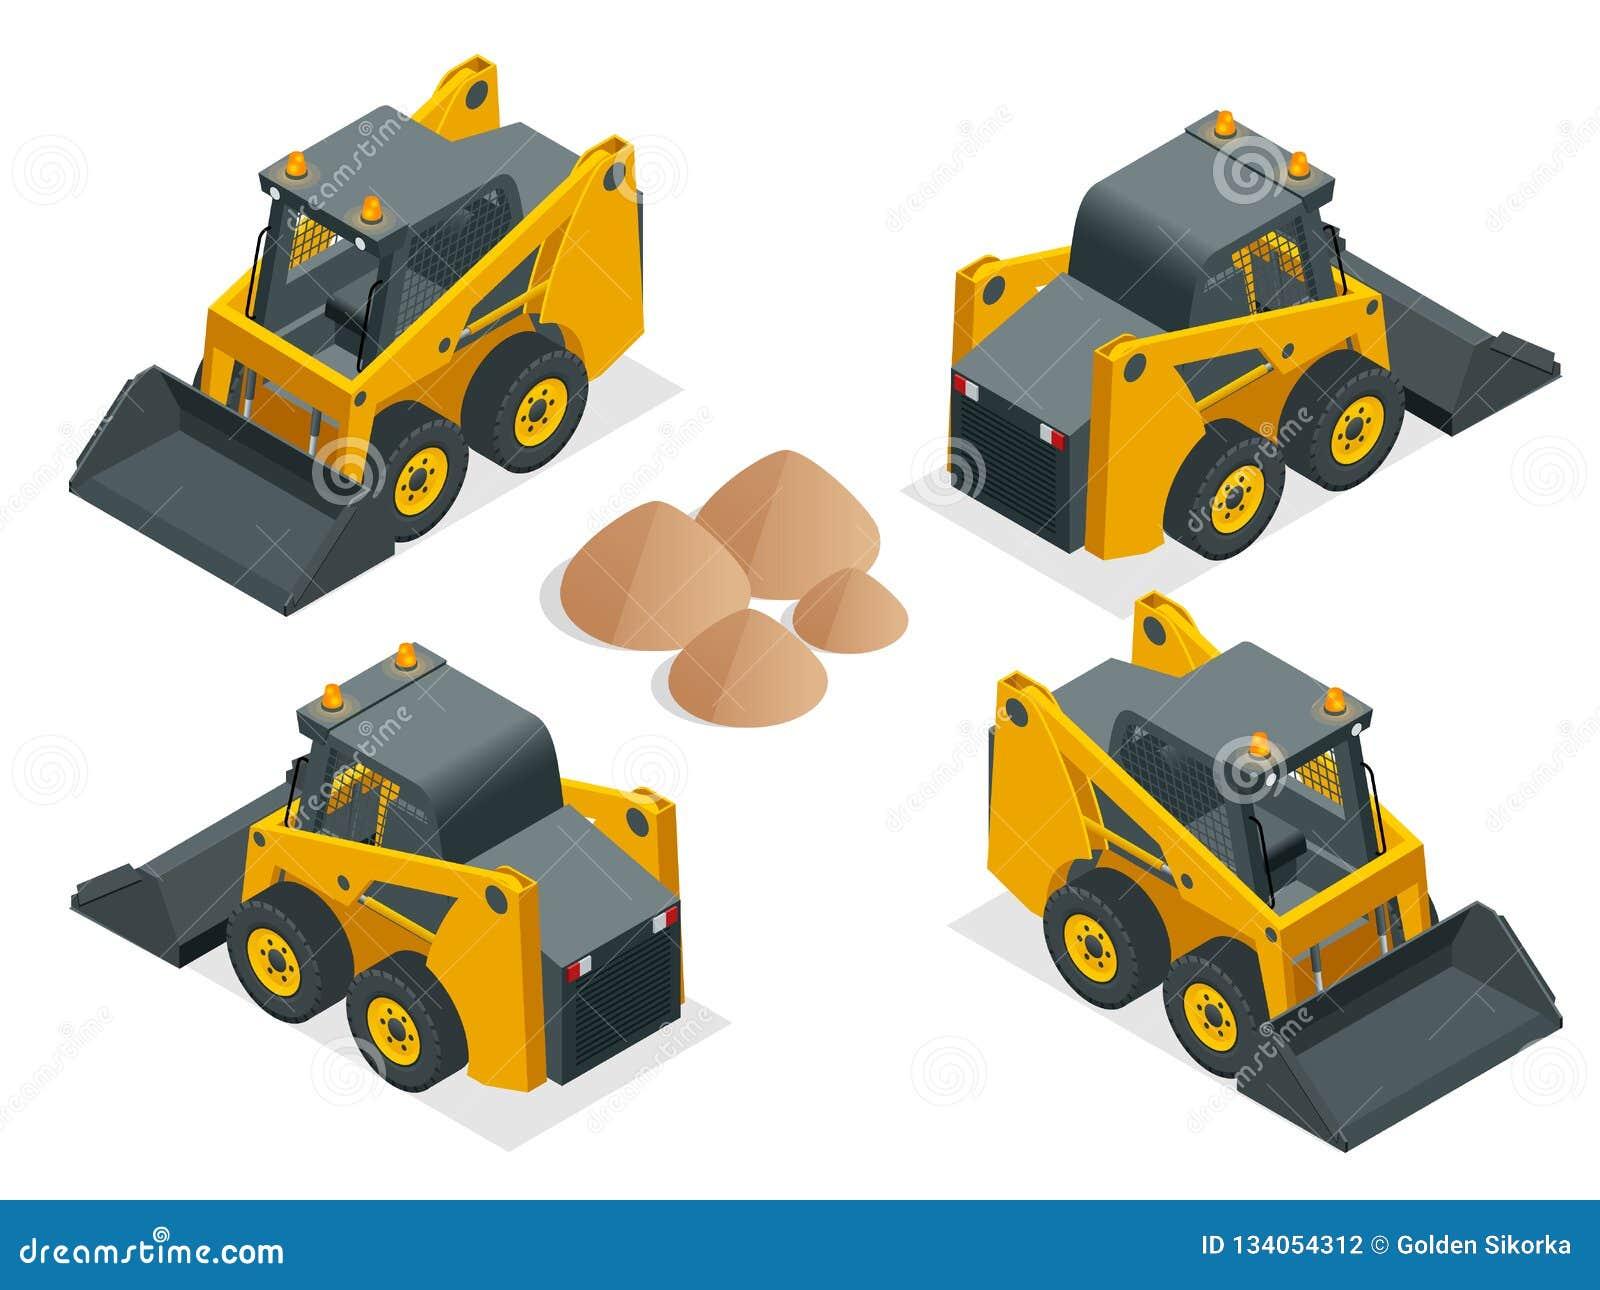 等量紧凑挖掘机 在白色背景隔绝的橙色轮子操舵装载者